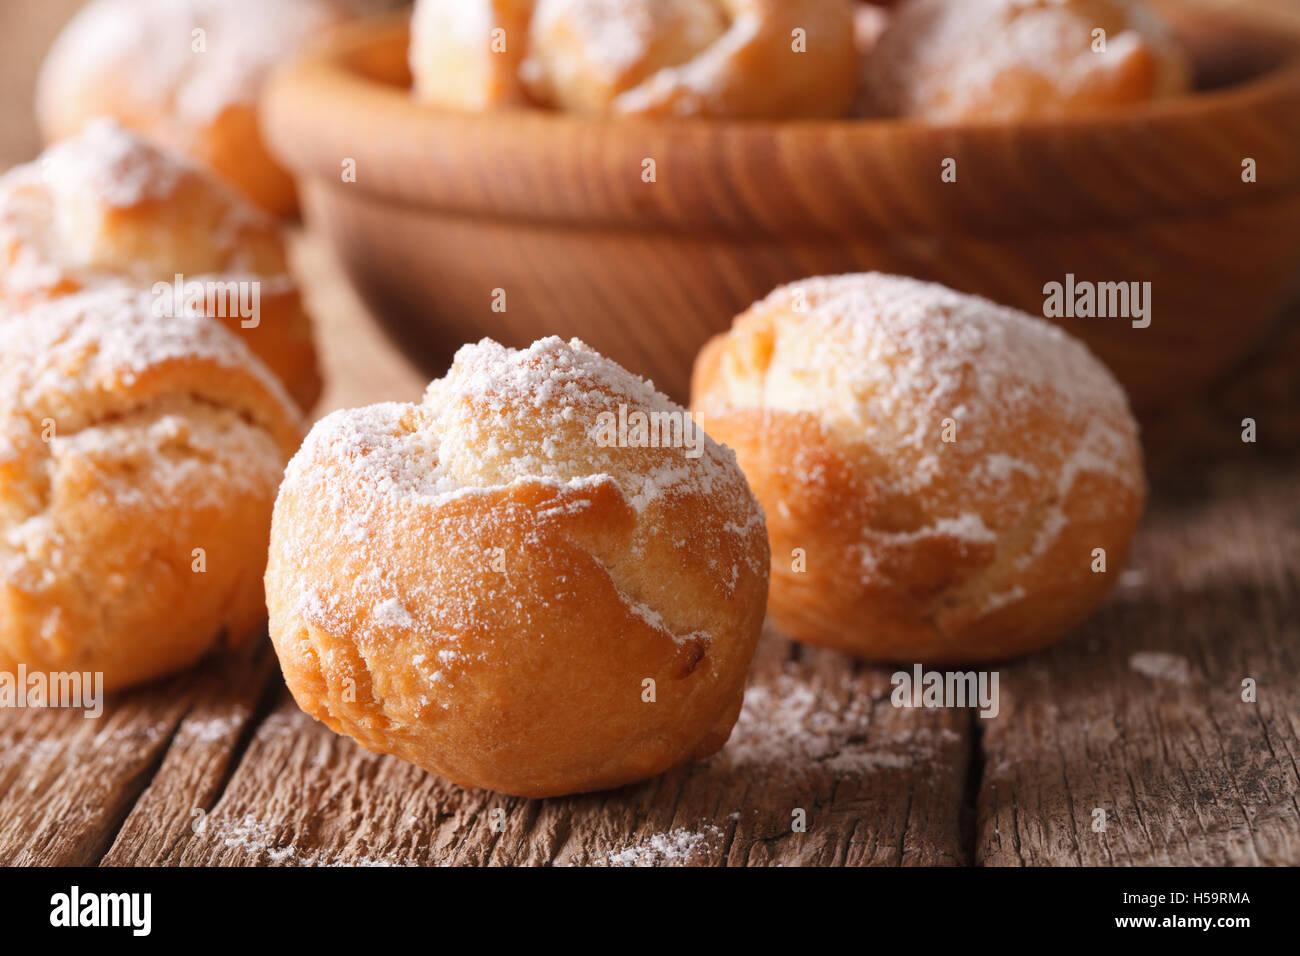 Festliche italienischen Donuts Castagnole hautnah in einer Schüssel auf dem Tisch. Horizontale Stockbild